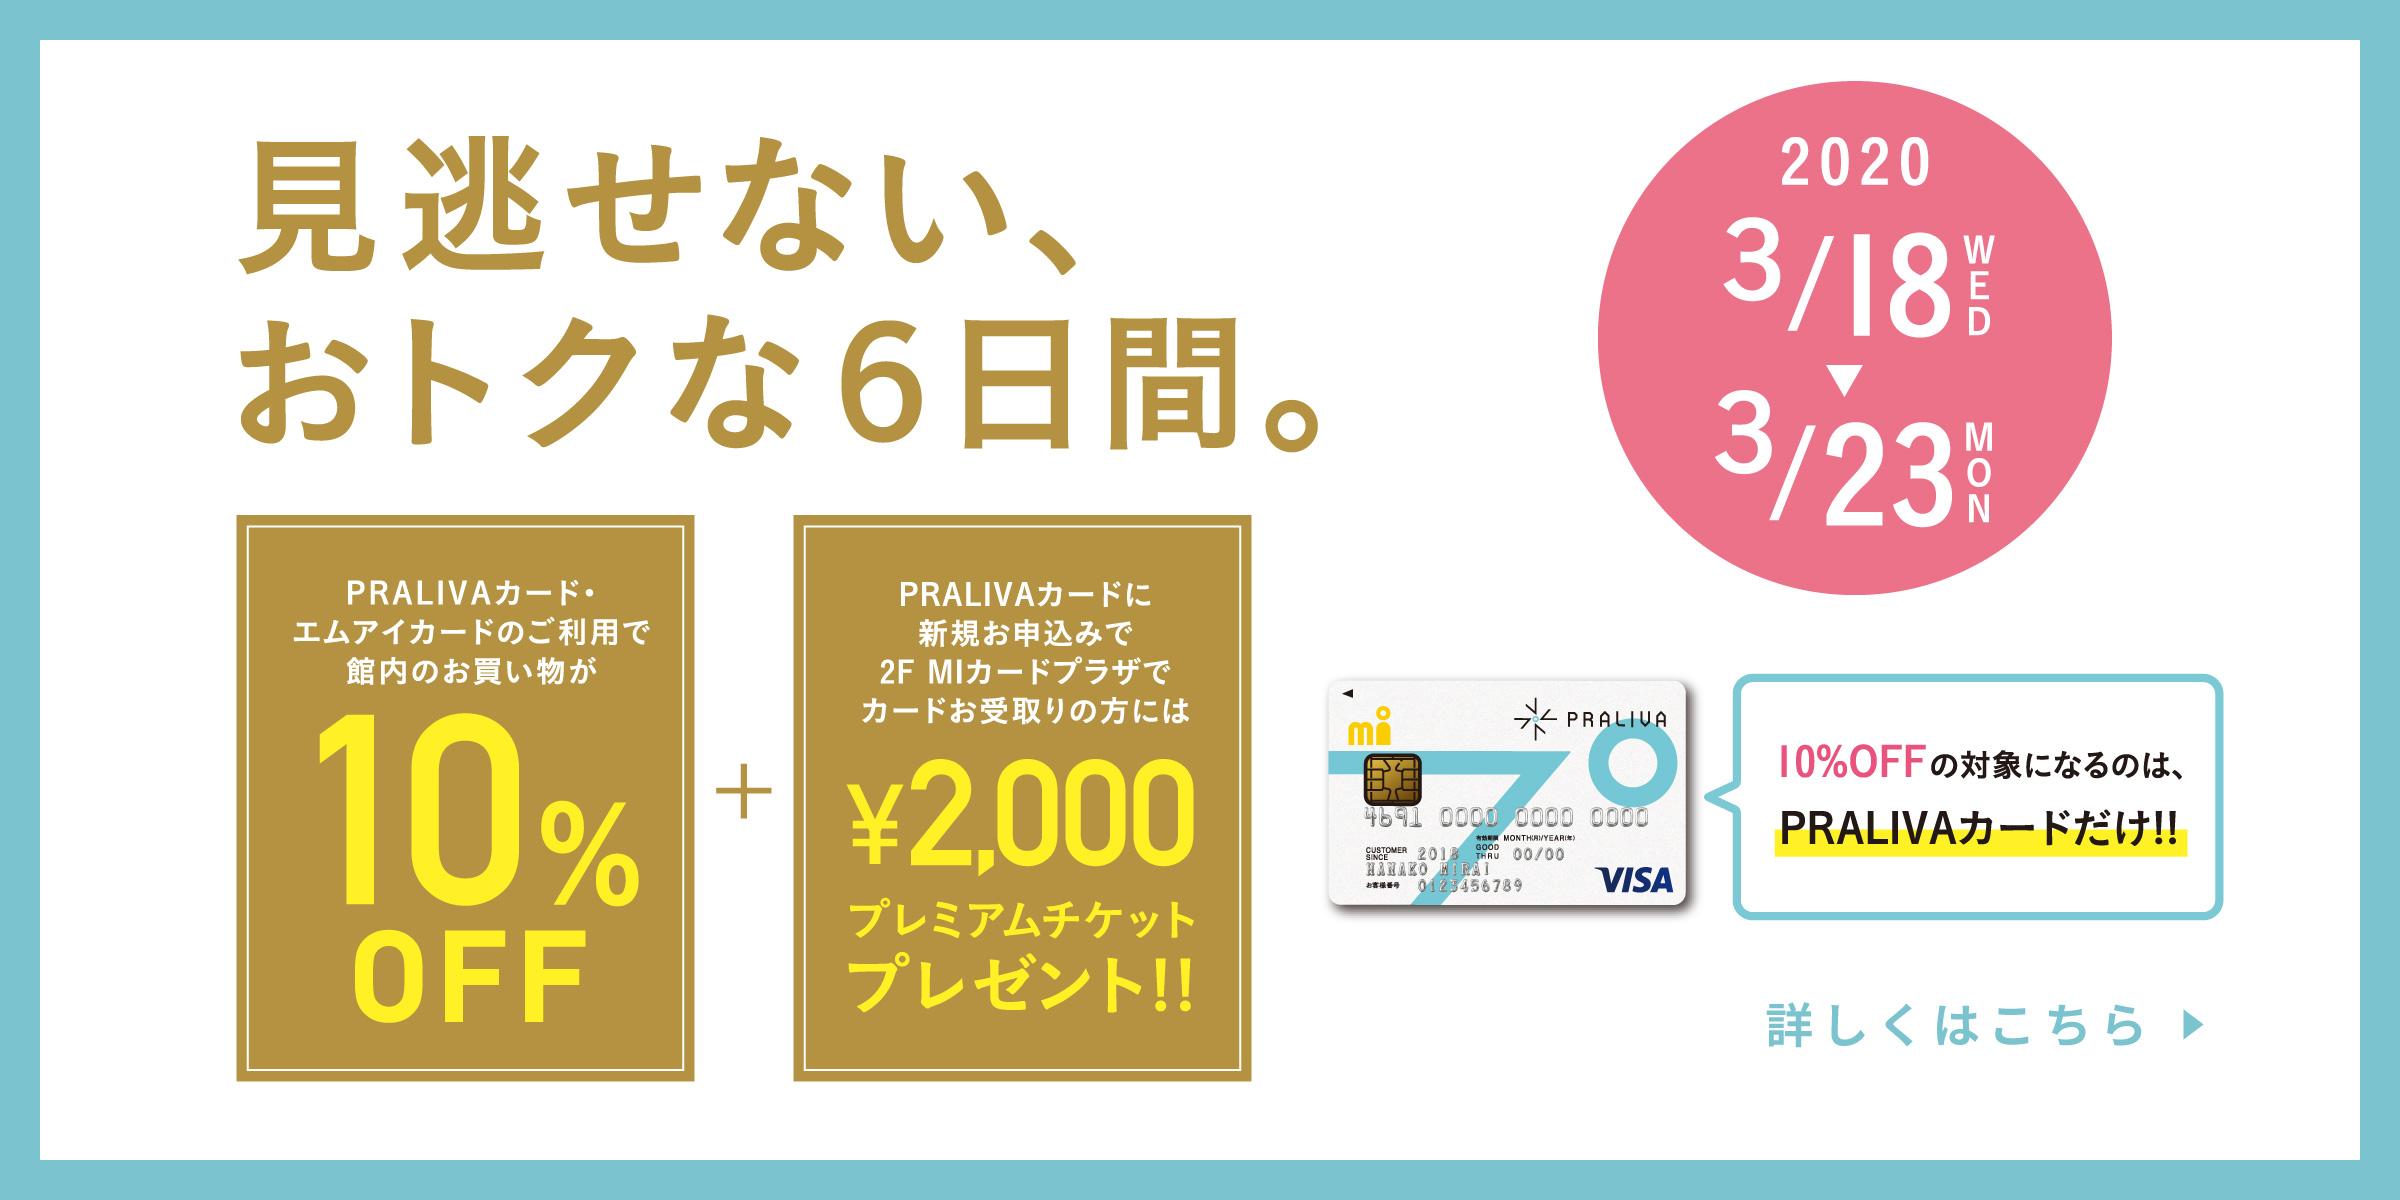 3/18(水)〜!10%OFFキャンペーンのお知らせ!